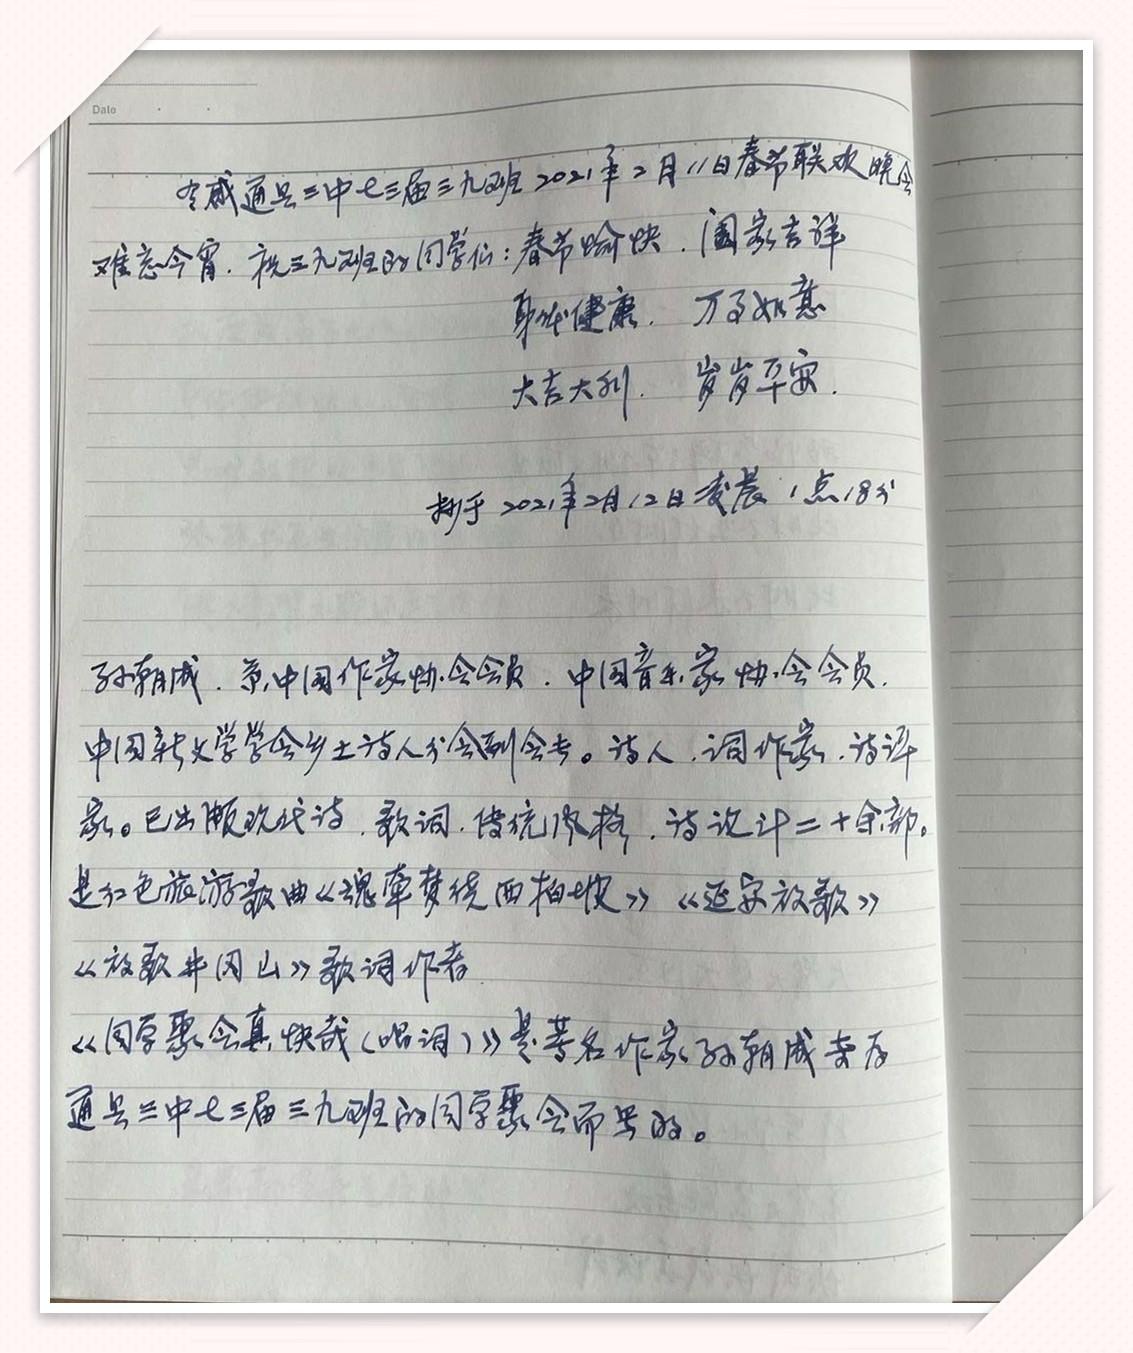 难忘除夕同学情_图1-5